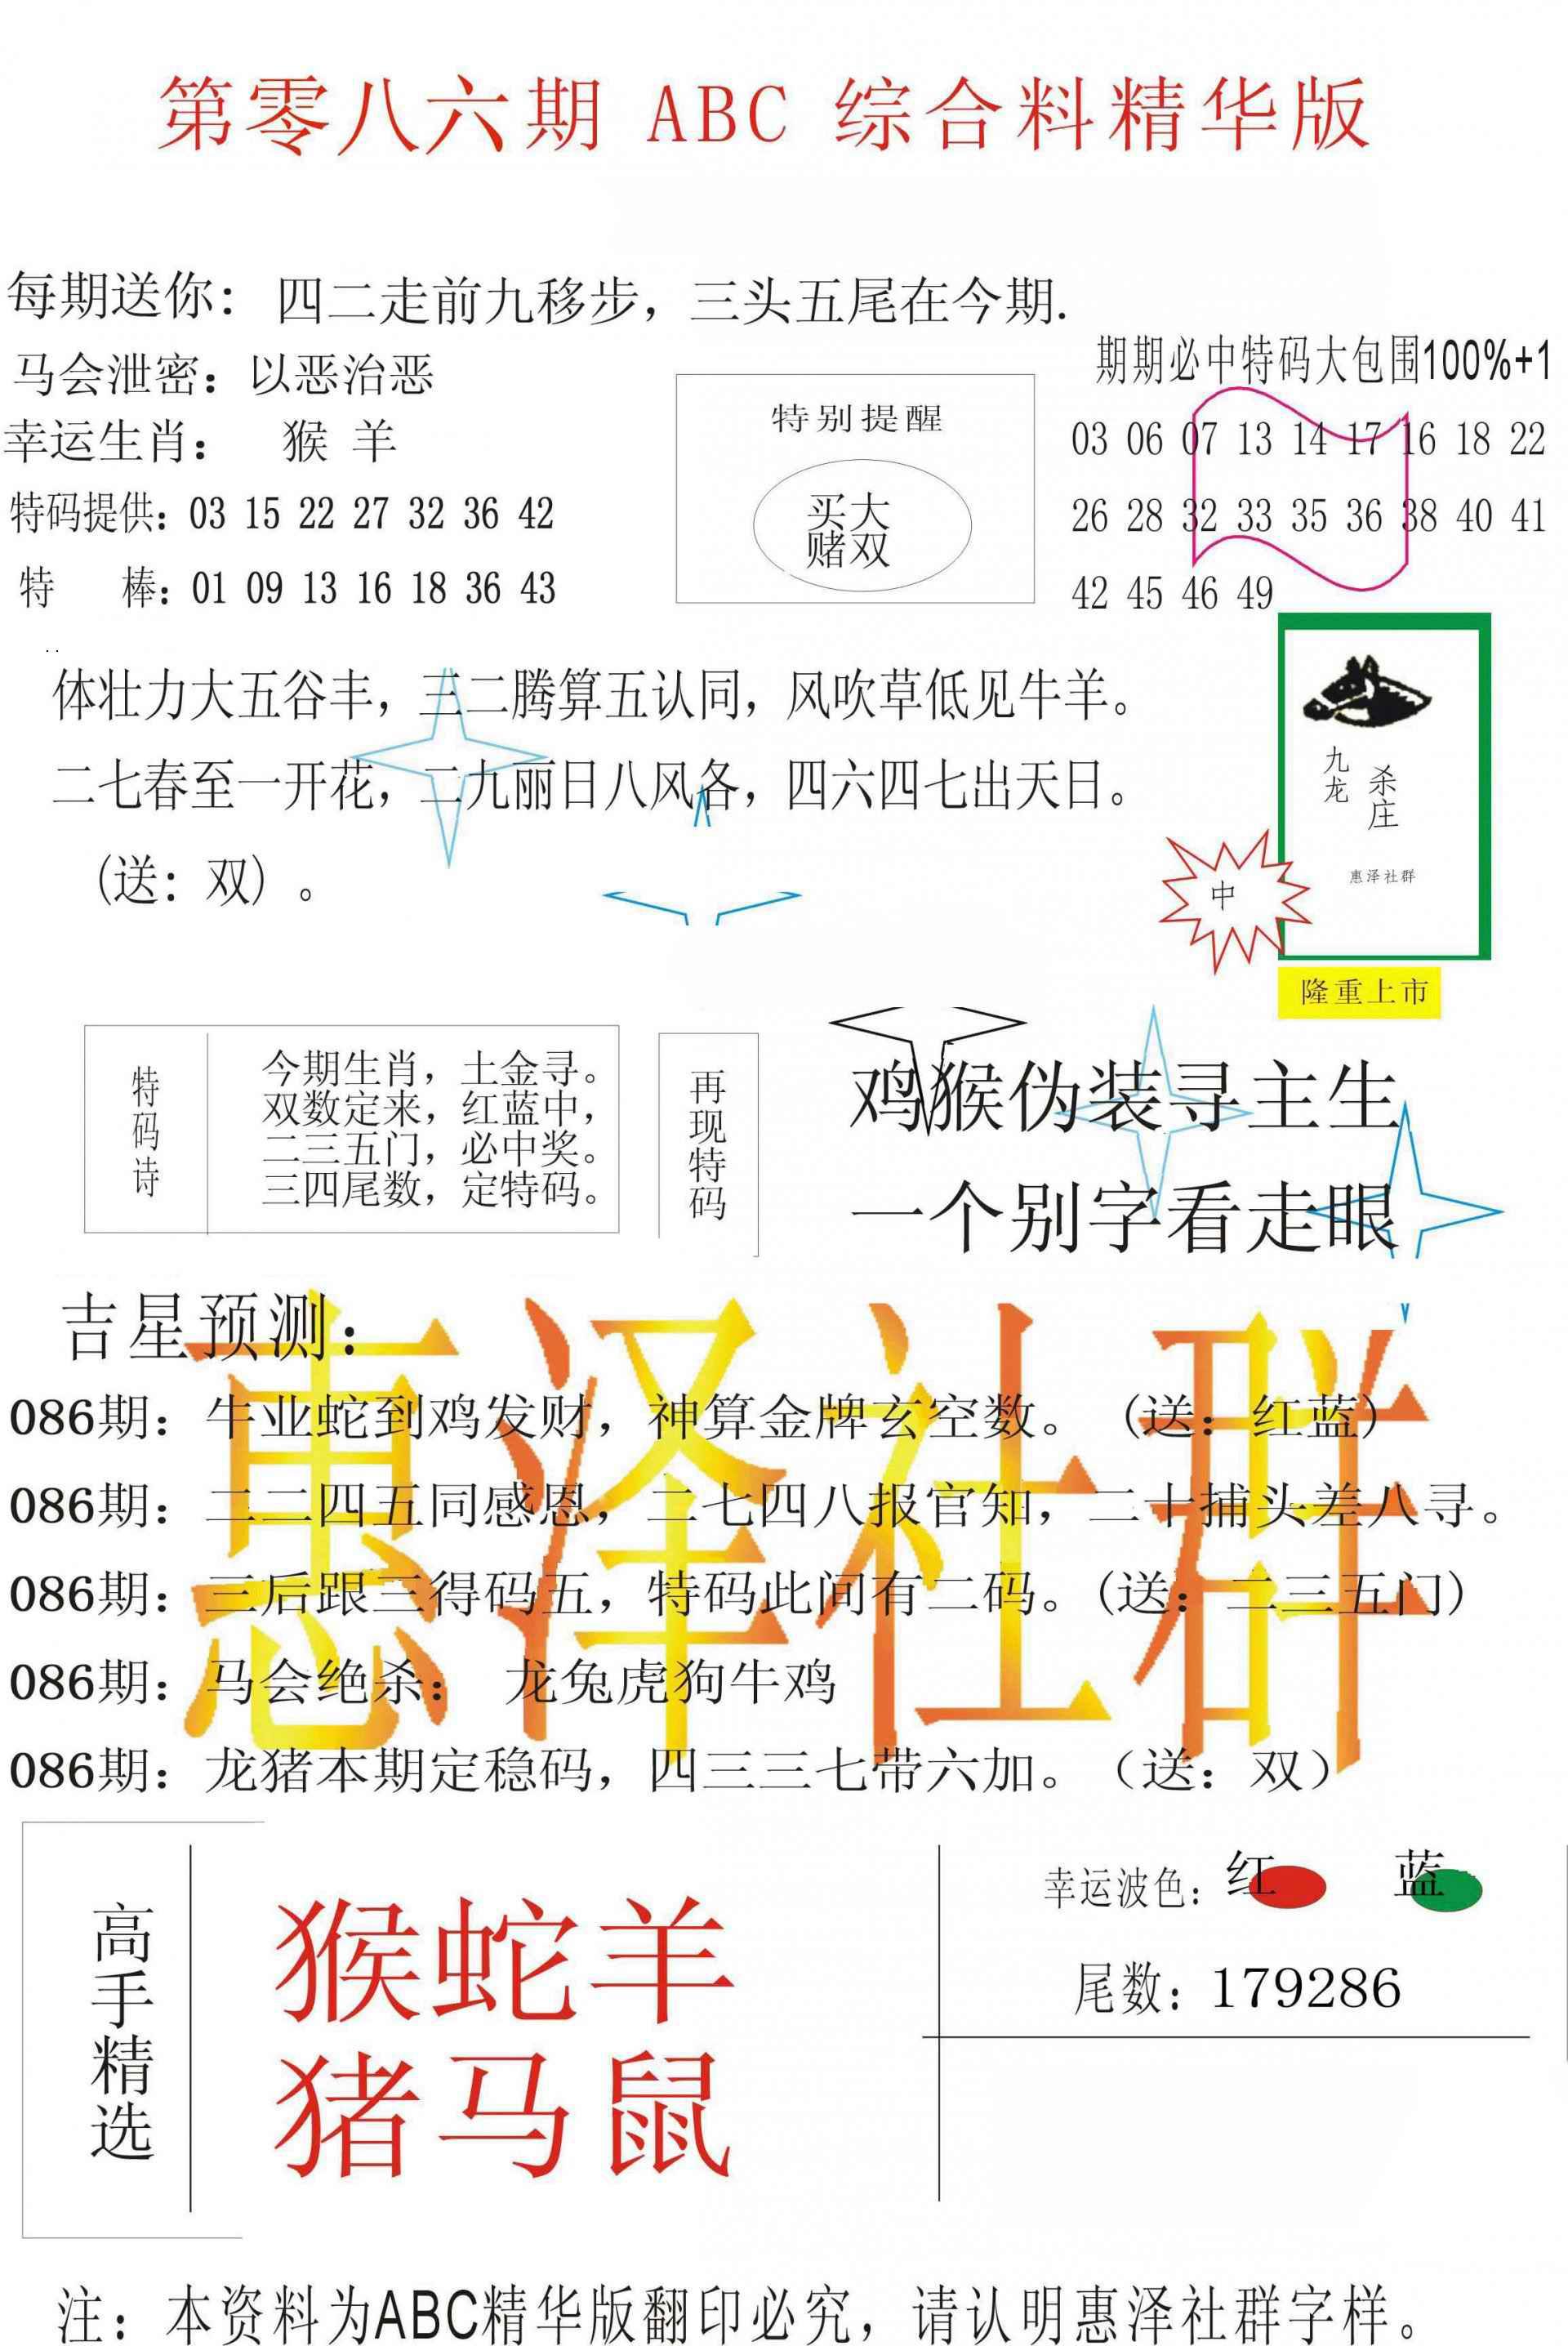 086期ABC综合正版资料